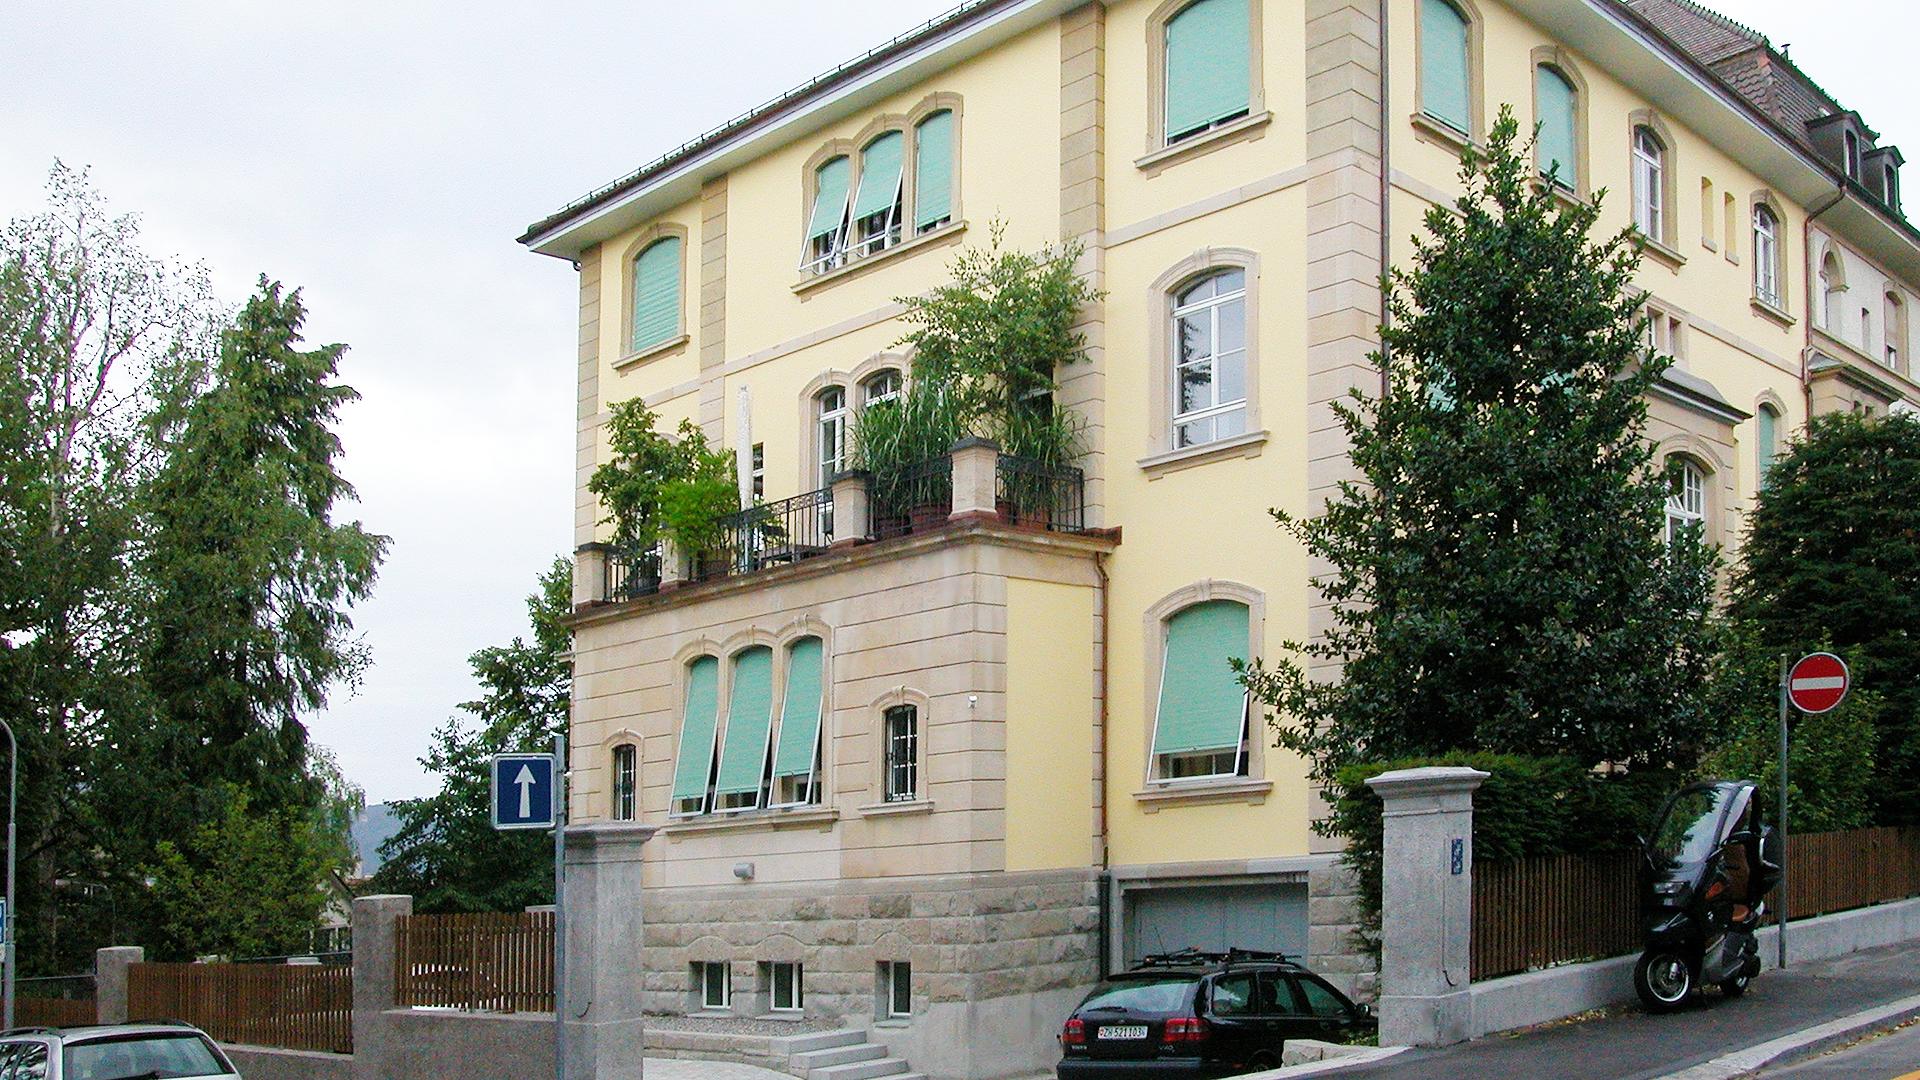 003_Schneiderhaus_Zuerich